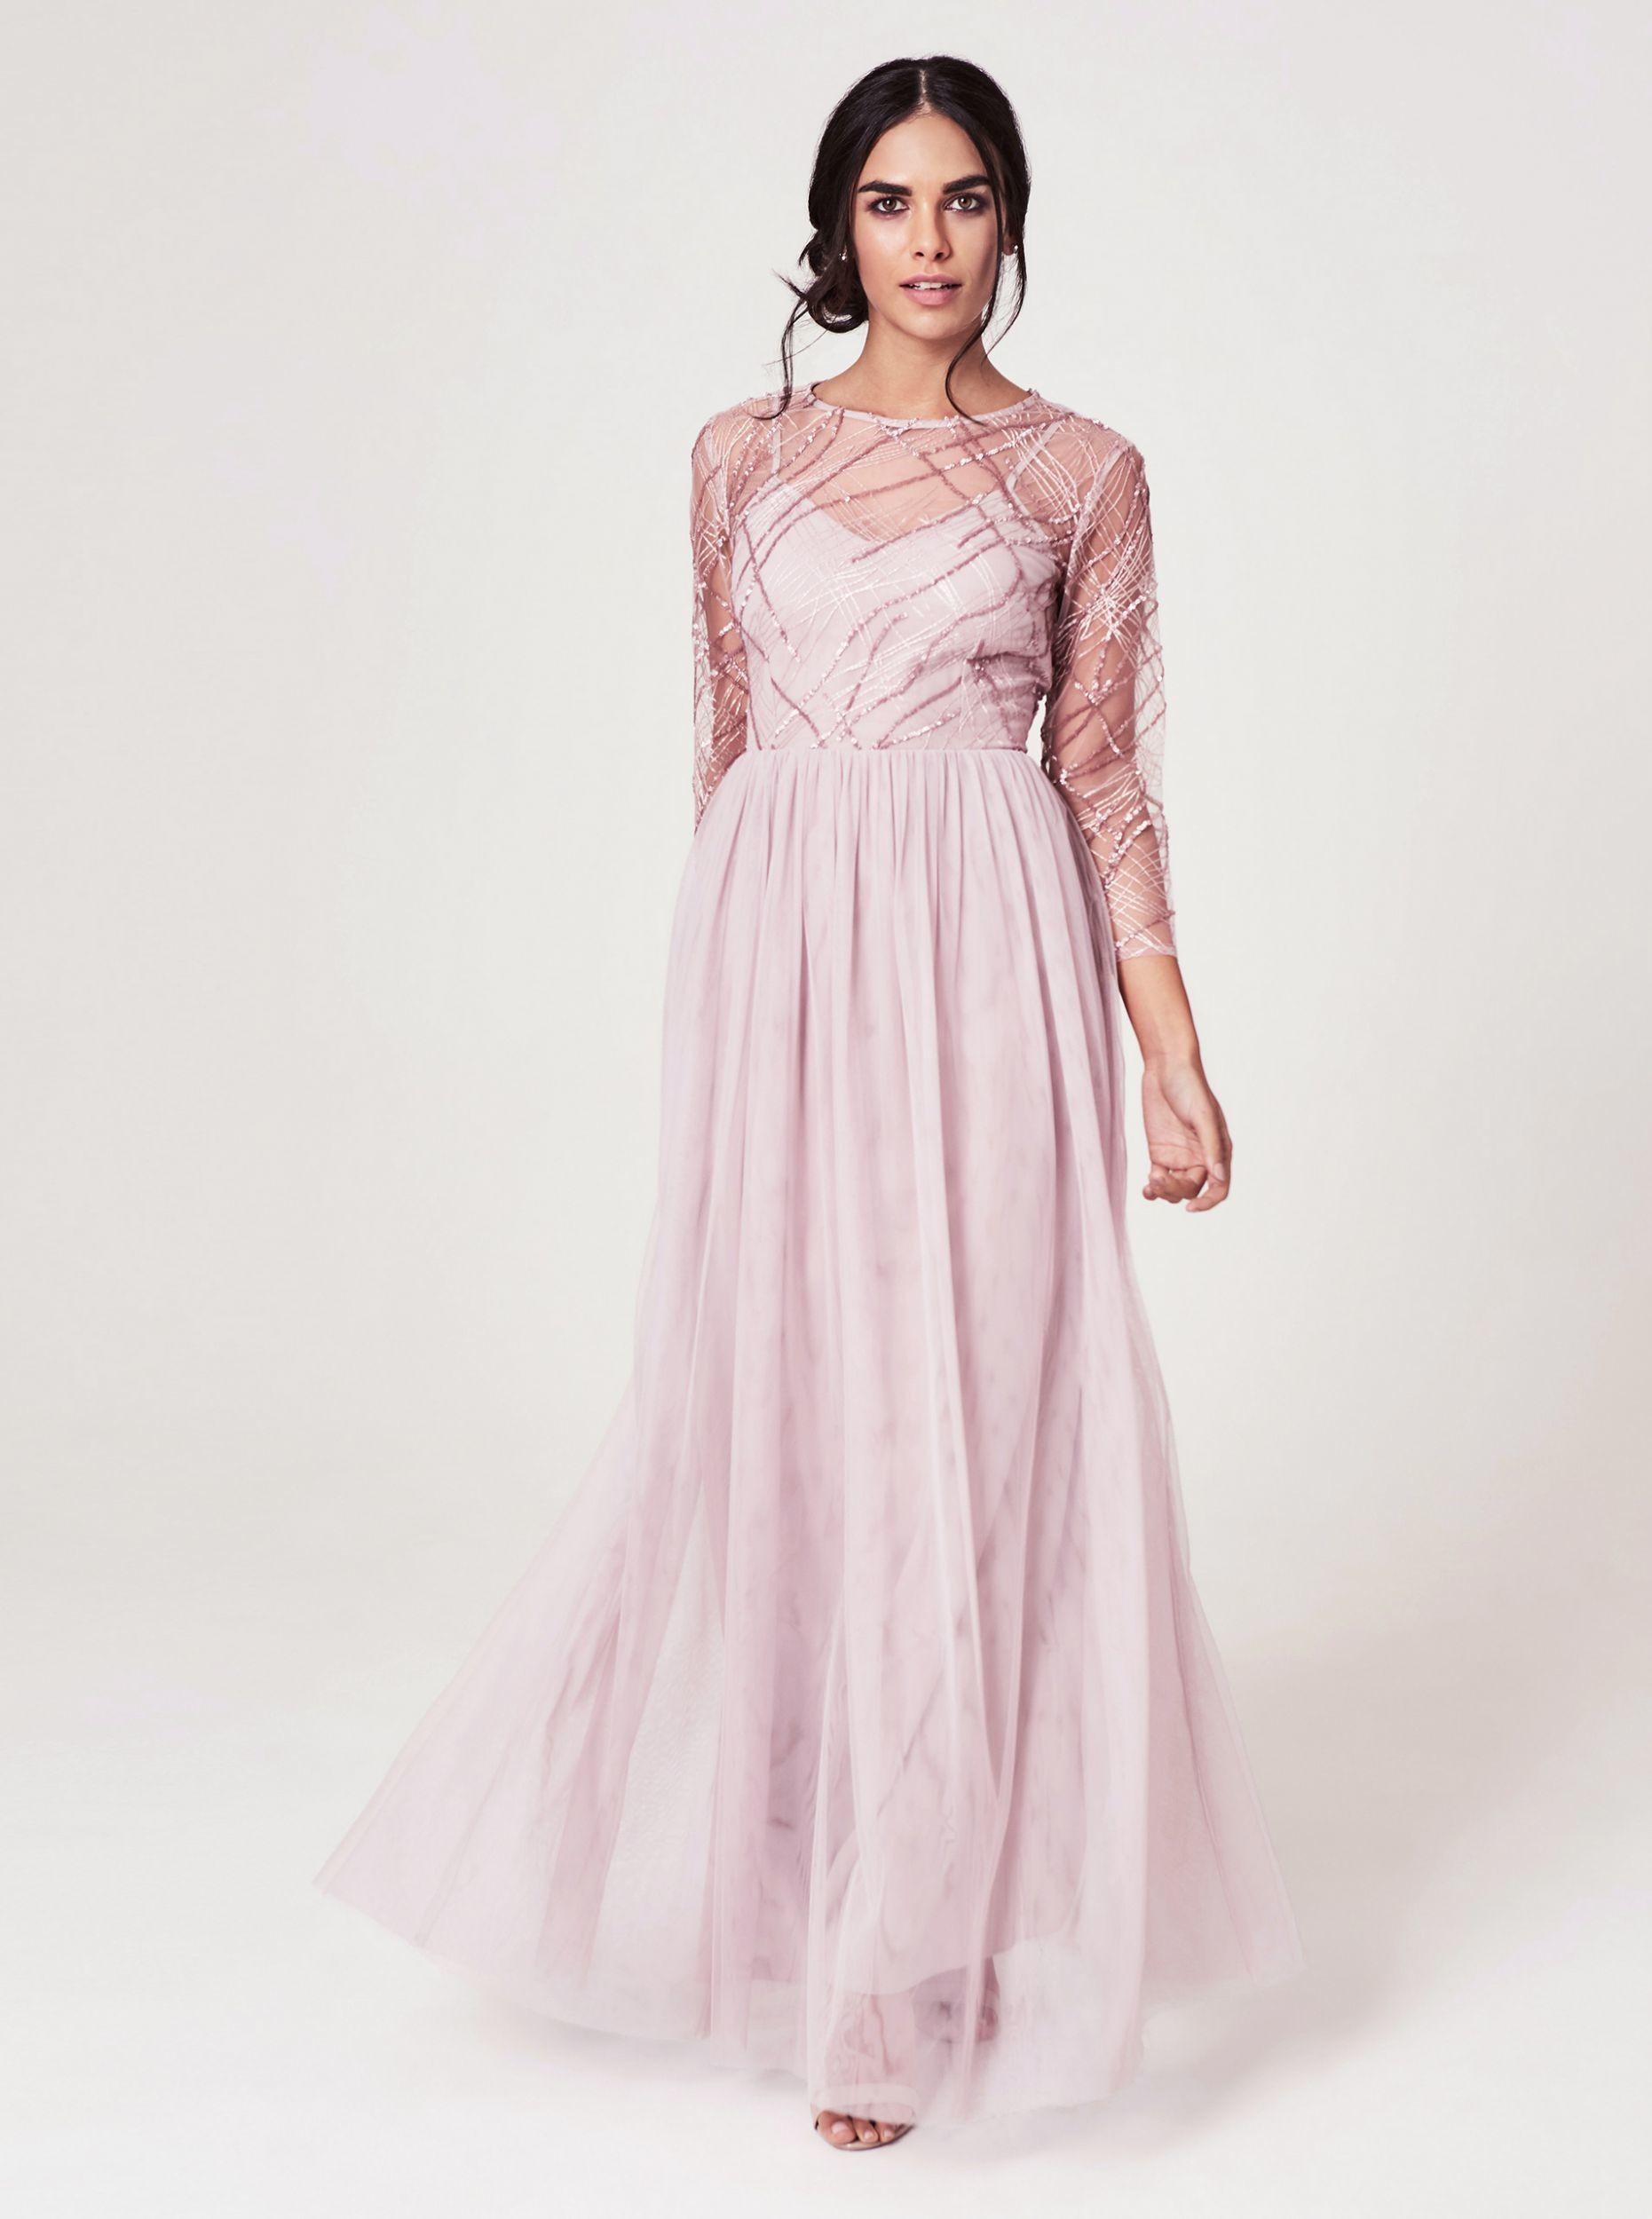 Little Mistress różowy maxi sukienka z przezroczystymi rękawami - XL Z_7100023640467